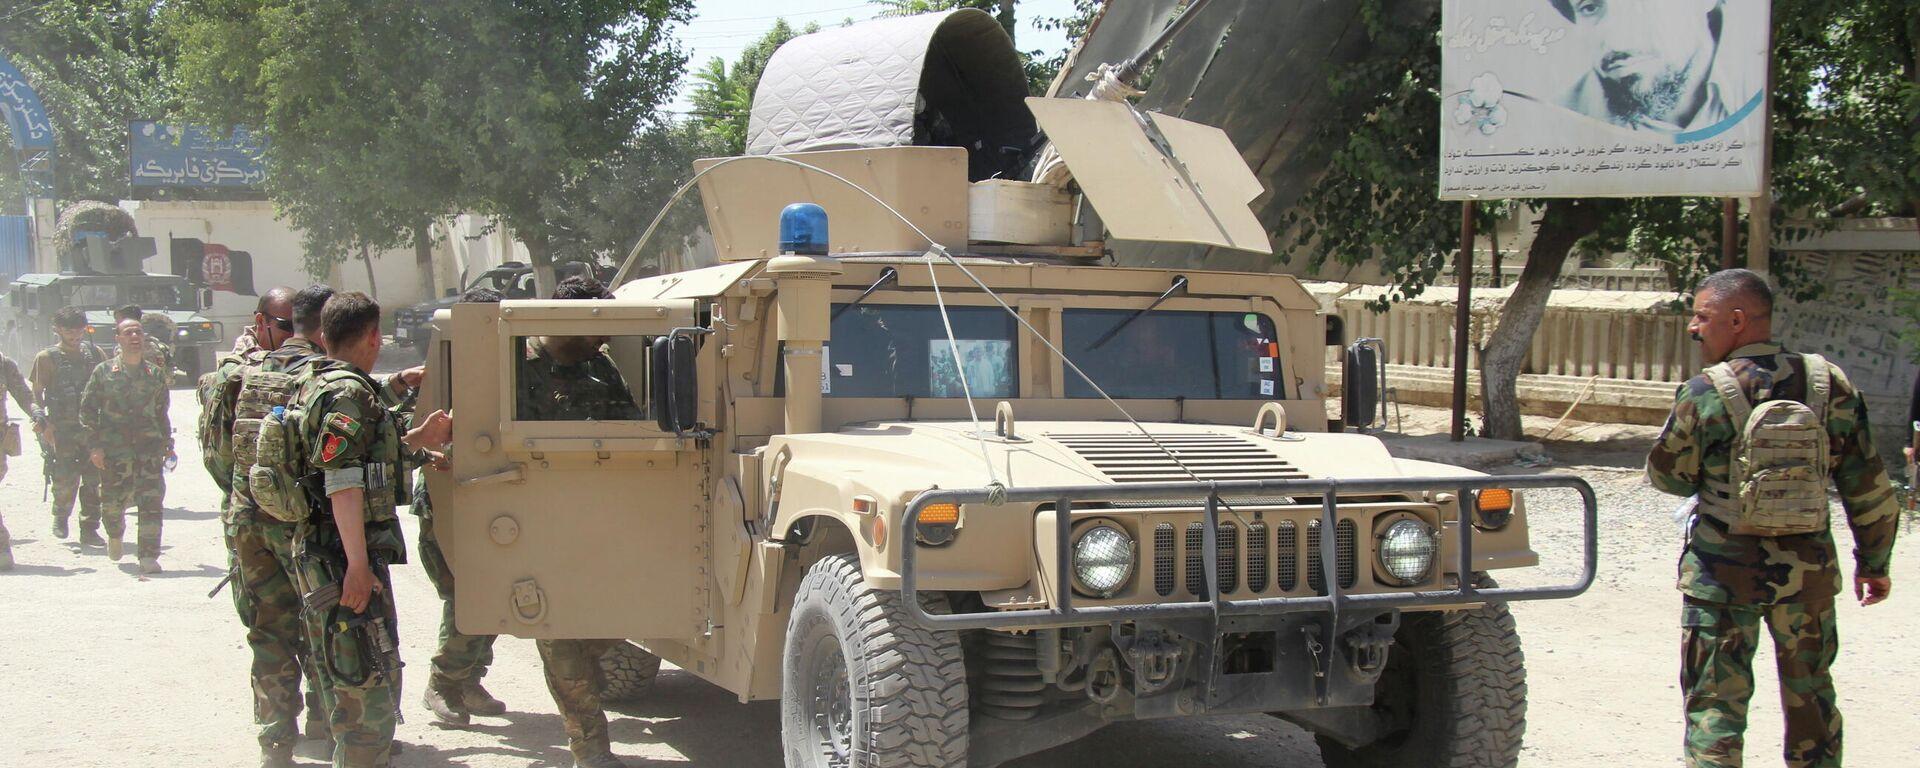 Военные Афганистана на месте боестолкновения с боевиками Талибана в провинции Кундуз, Афганистан 22 июня 2021 - Sputnik Таджикистан, 1920, 04.07.2021